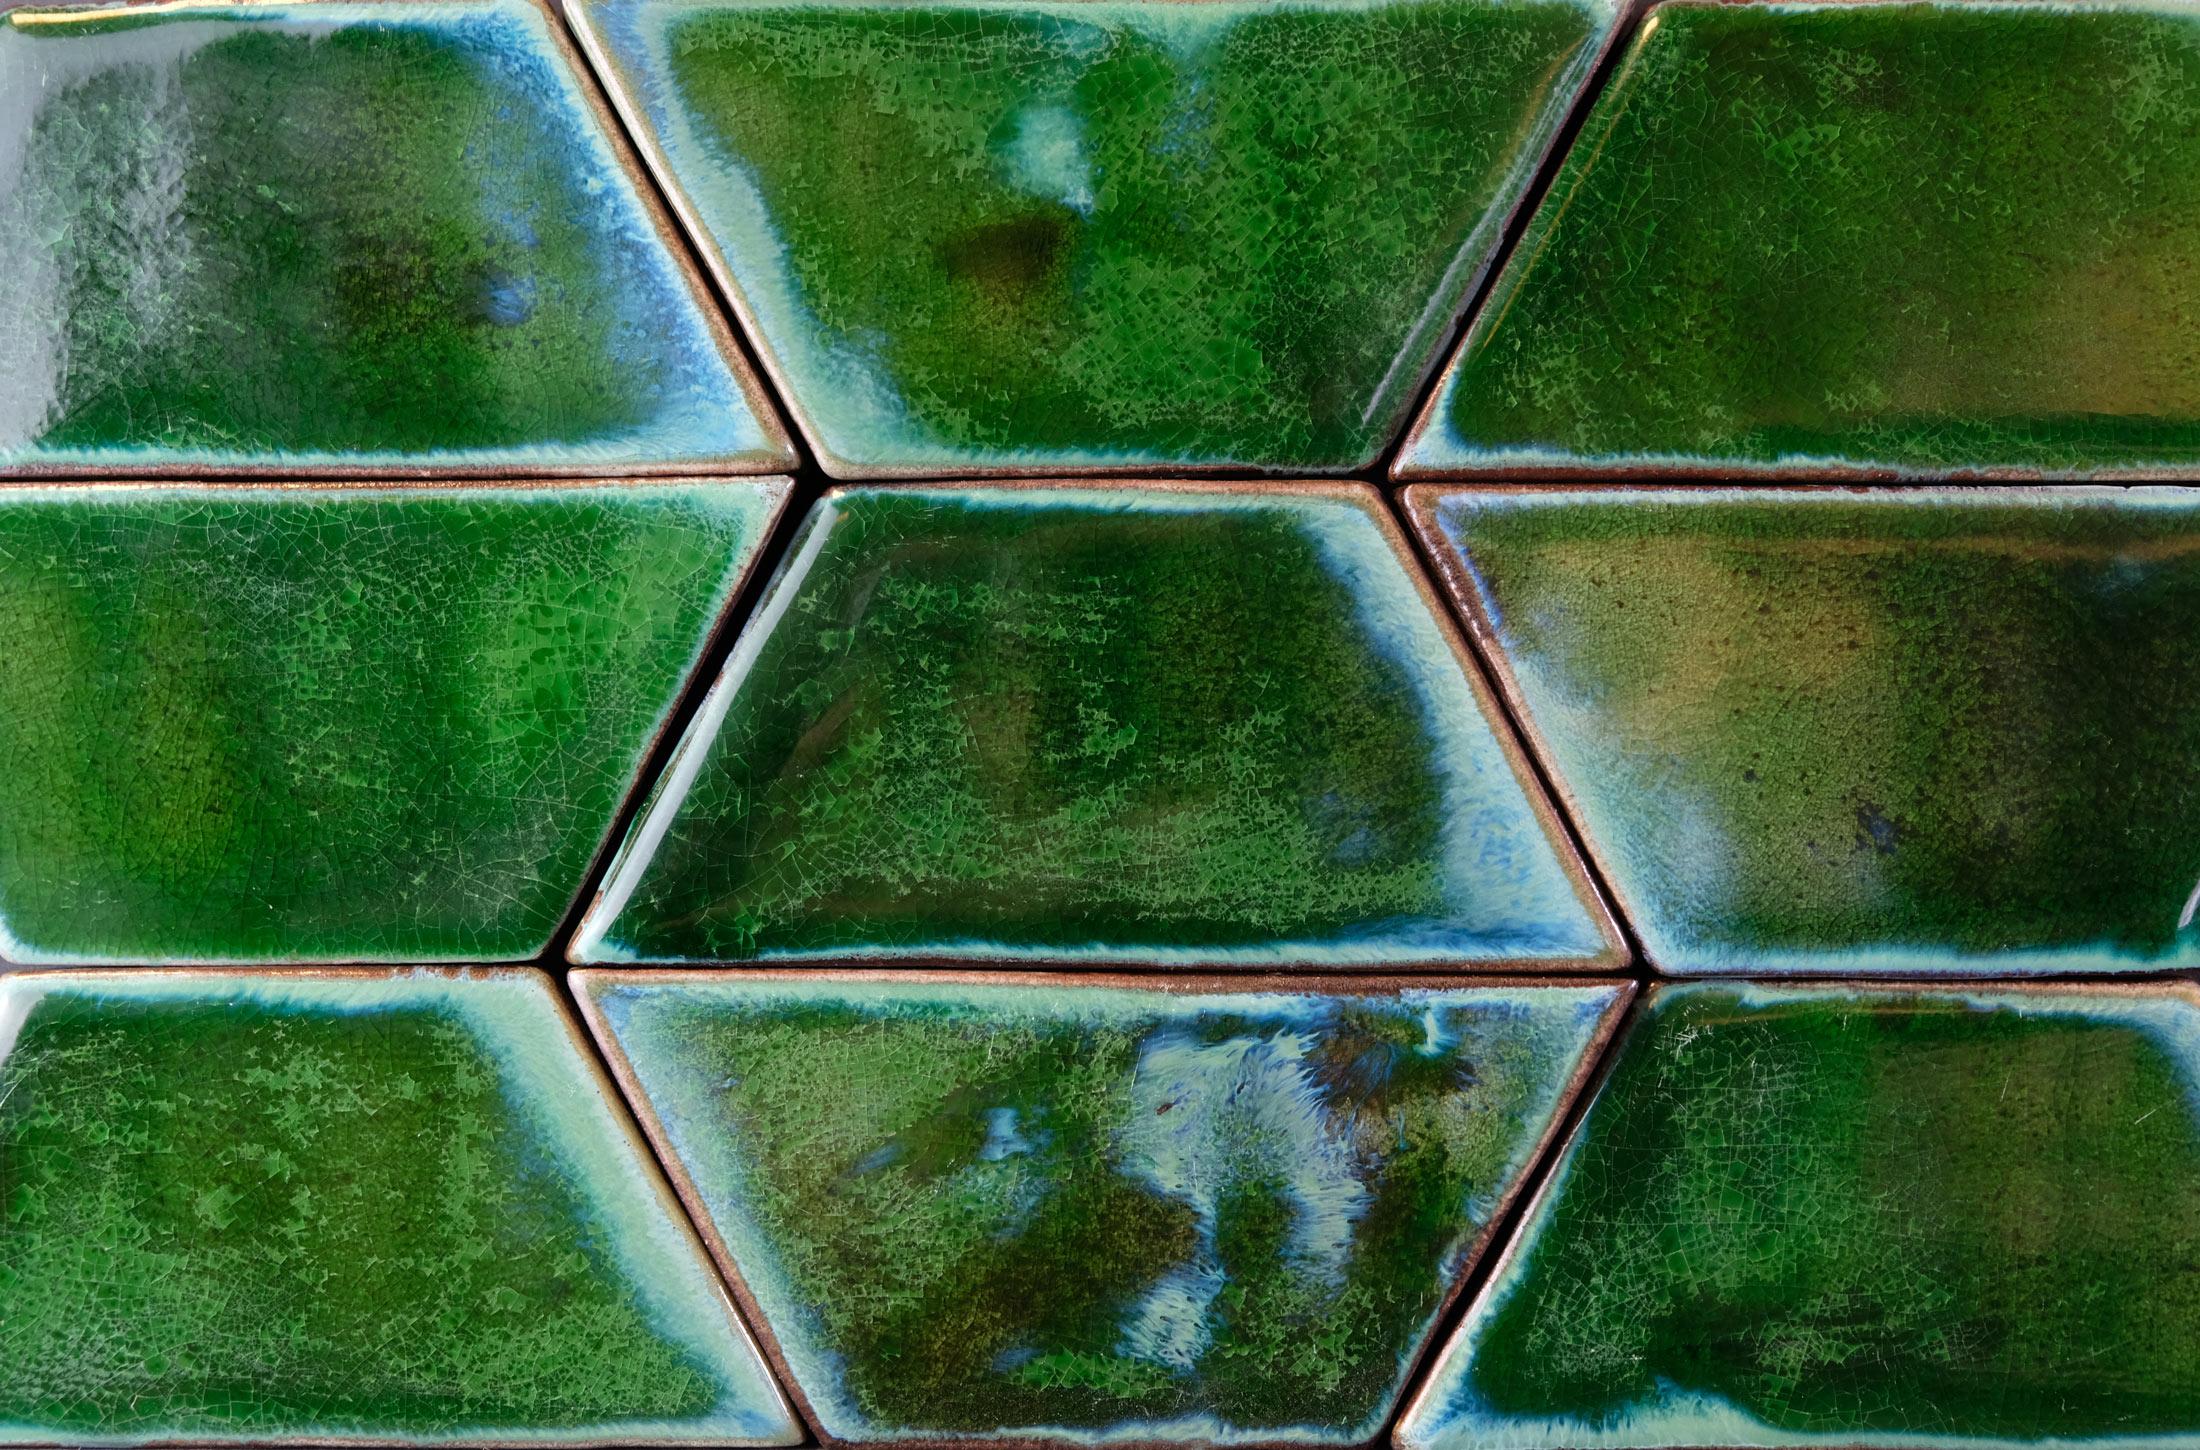 wandpaneele-keramik-wandfliesen-glasiert-java-bits